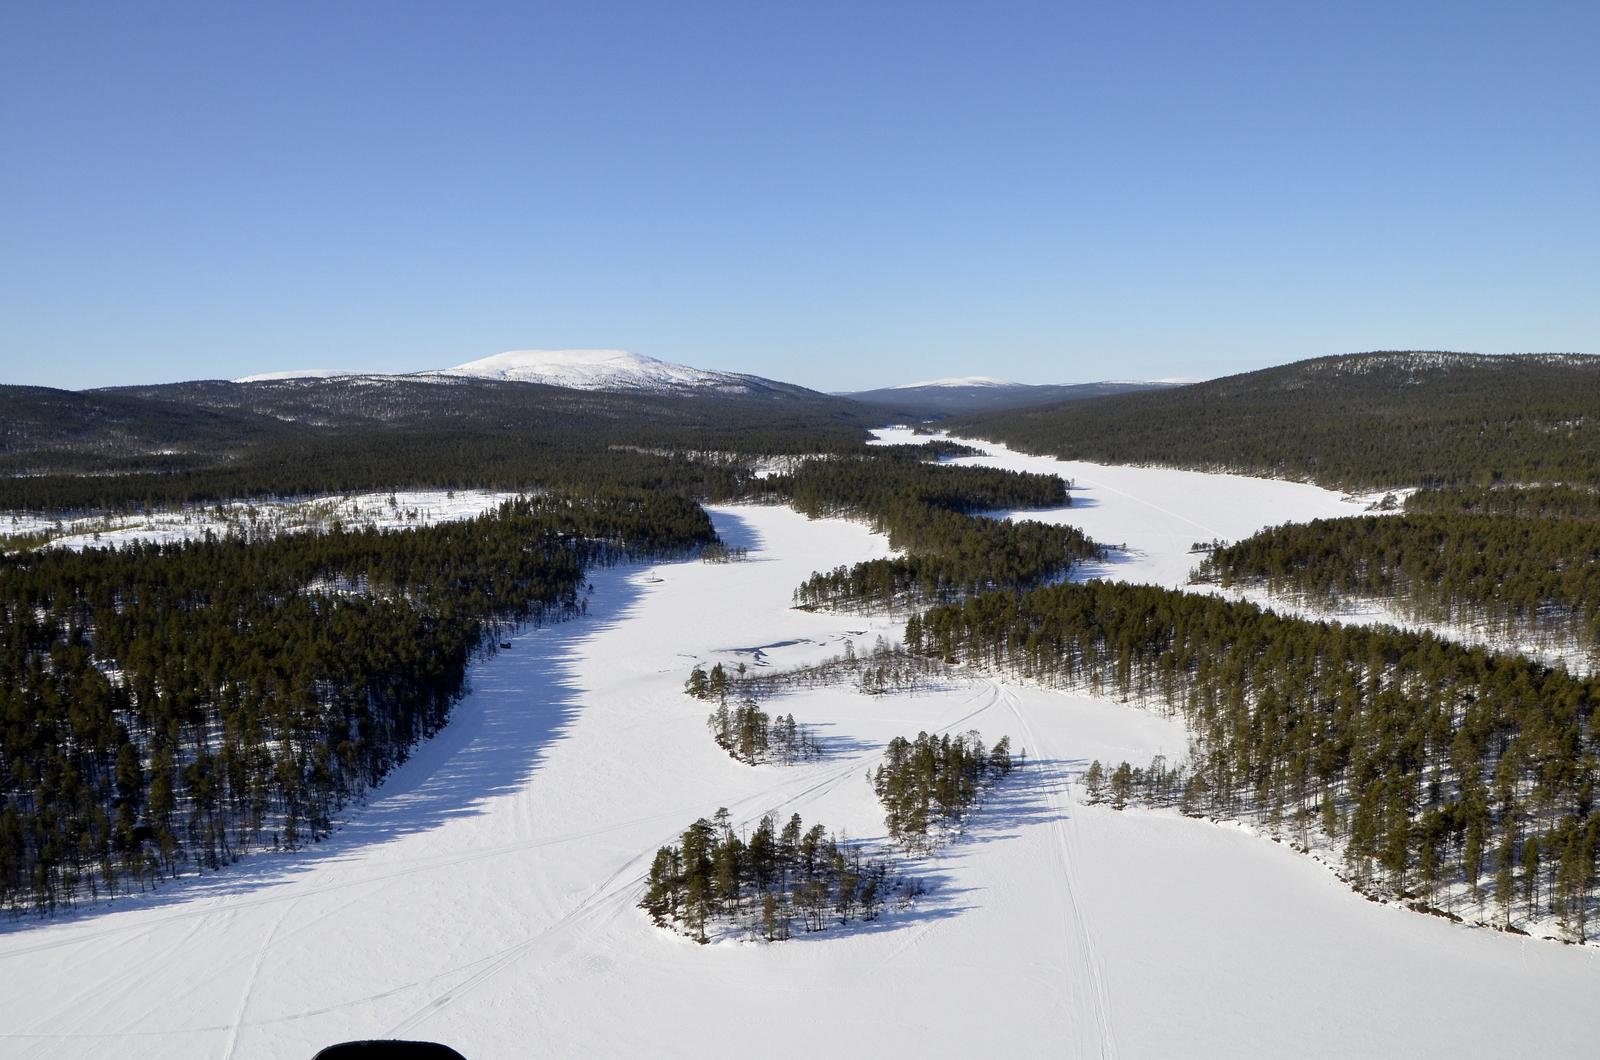 Siitä avautuu Lemmenjoen reitti. Vasemmalla näkyy Joenkielinen tunturi. Suuntaan sen yli, vaikka varsinaiset kultamaat on joen oikealla puolella.